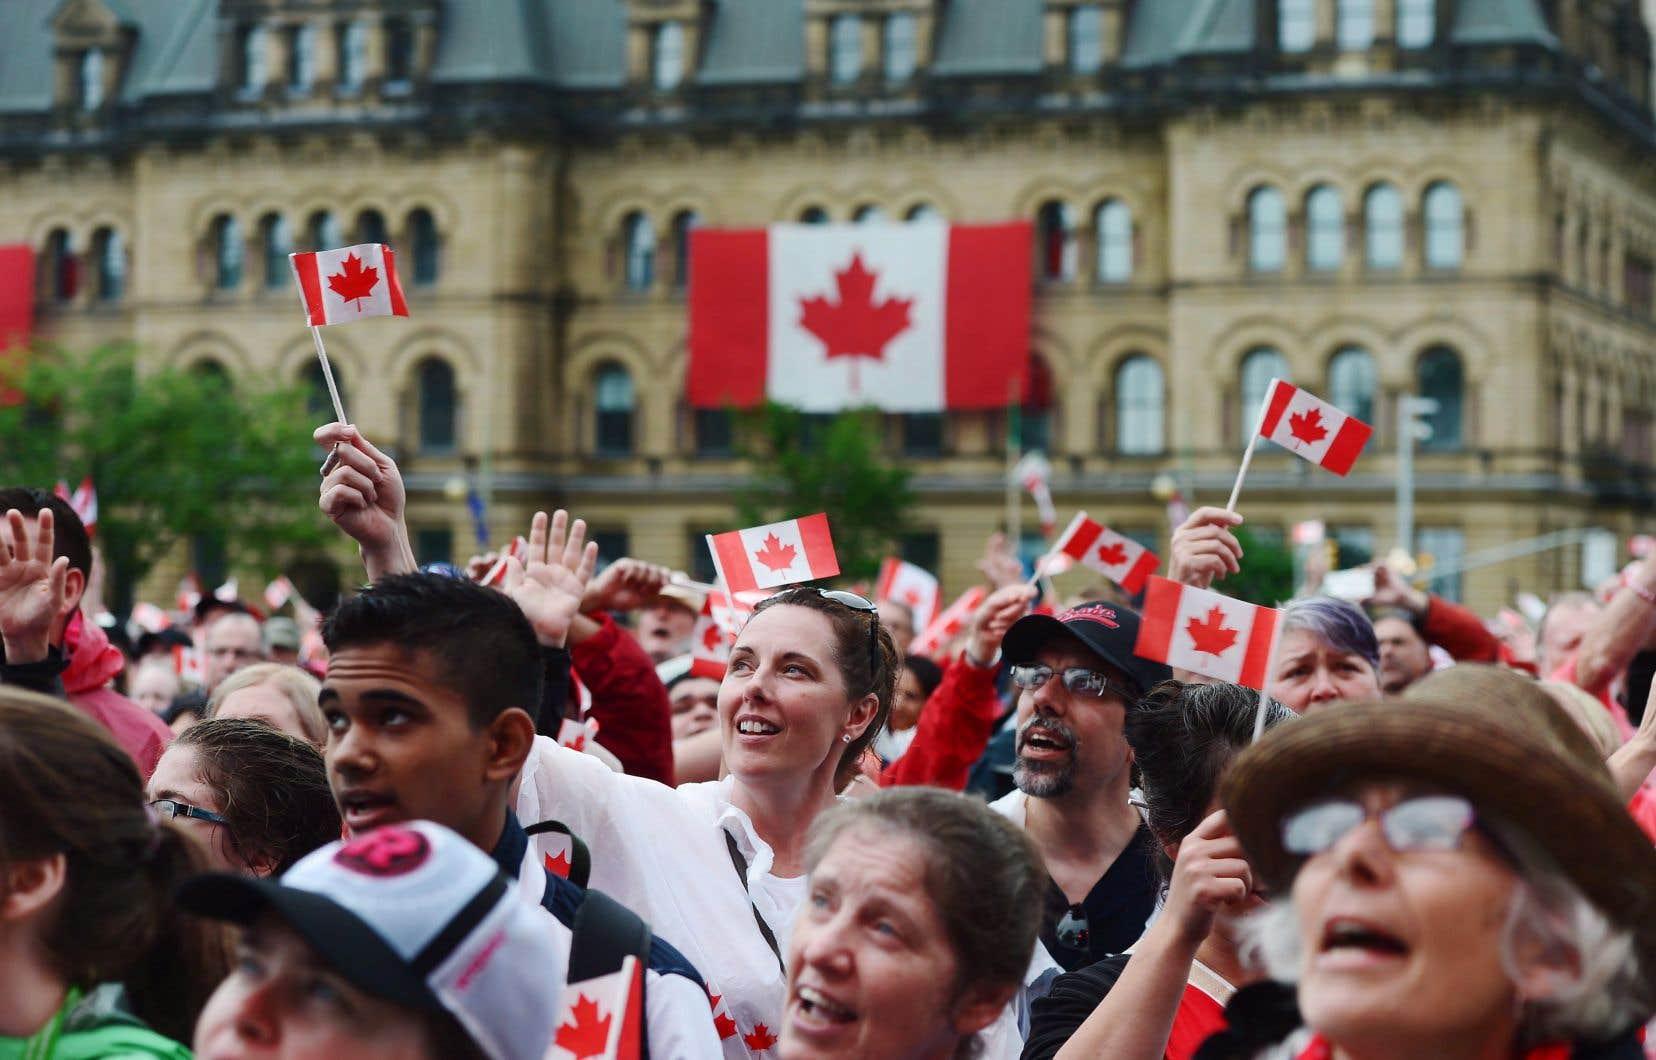 Des cérémonies et des spectacles sont prévus toute la journée à Ottawa, où Environnement Canada prévoit du temps chaud et ensolleillé.